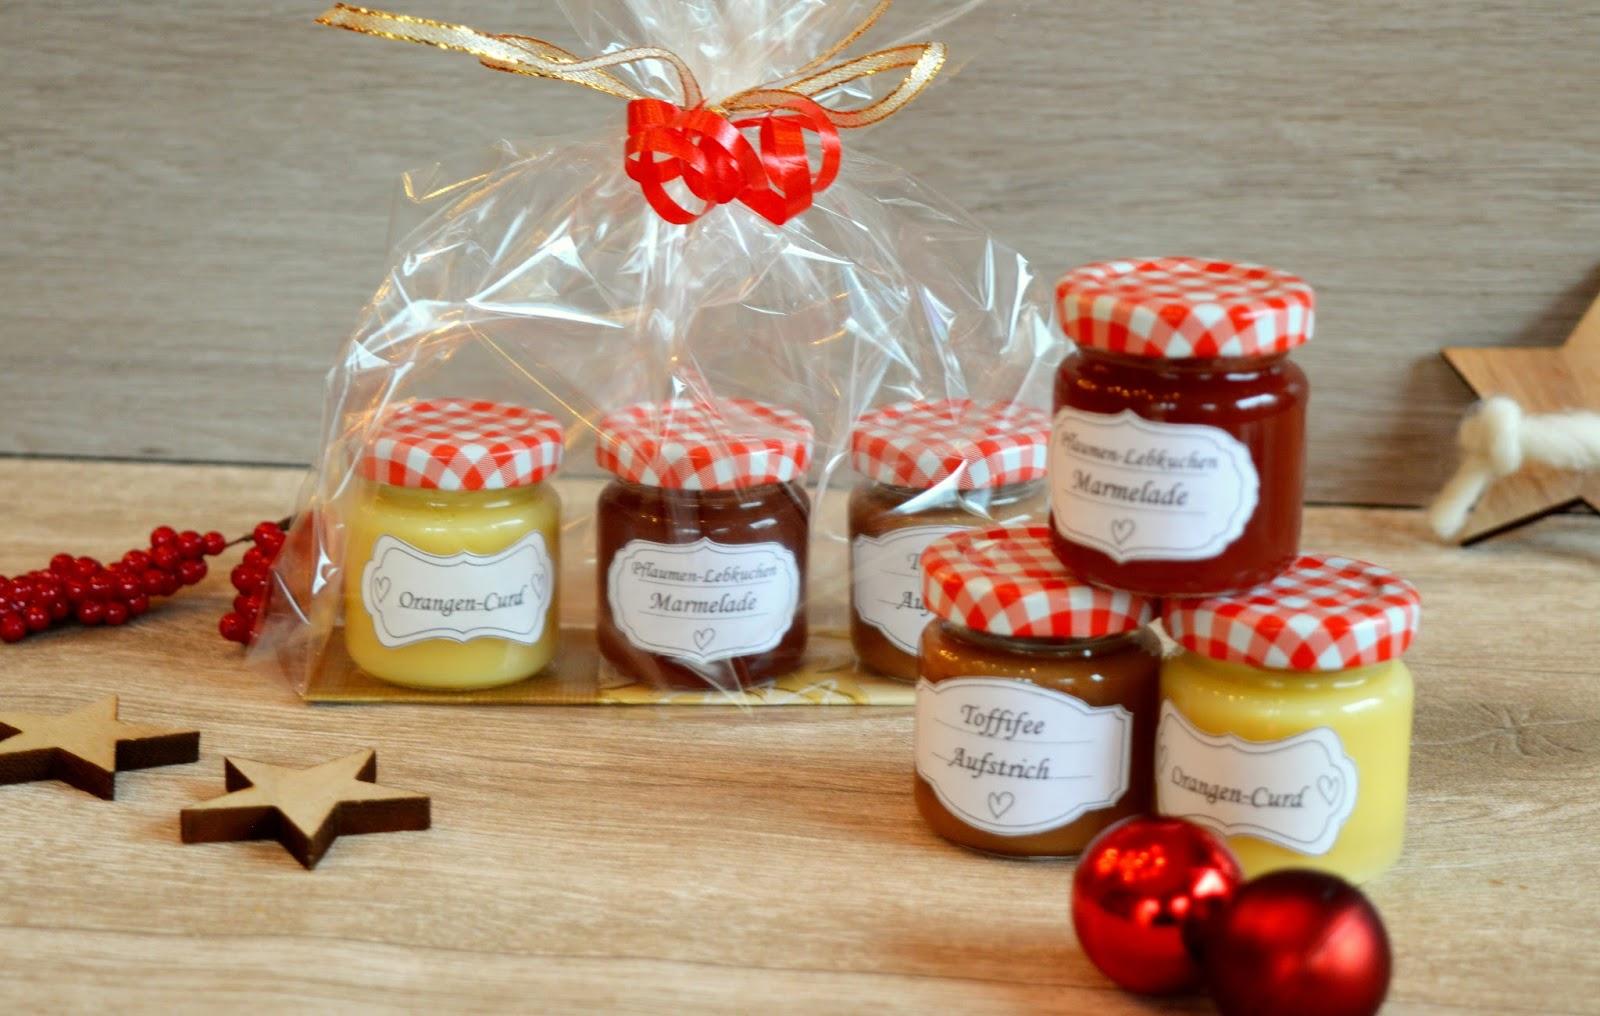 Julias zuckersüße Kuchenwelt: Last Minute Geschenke aus der Küche ...